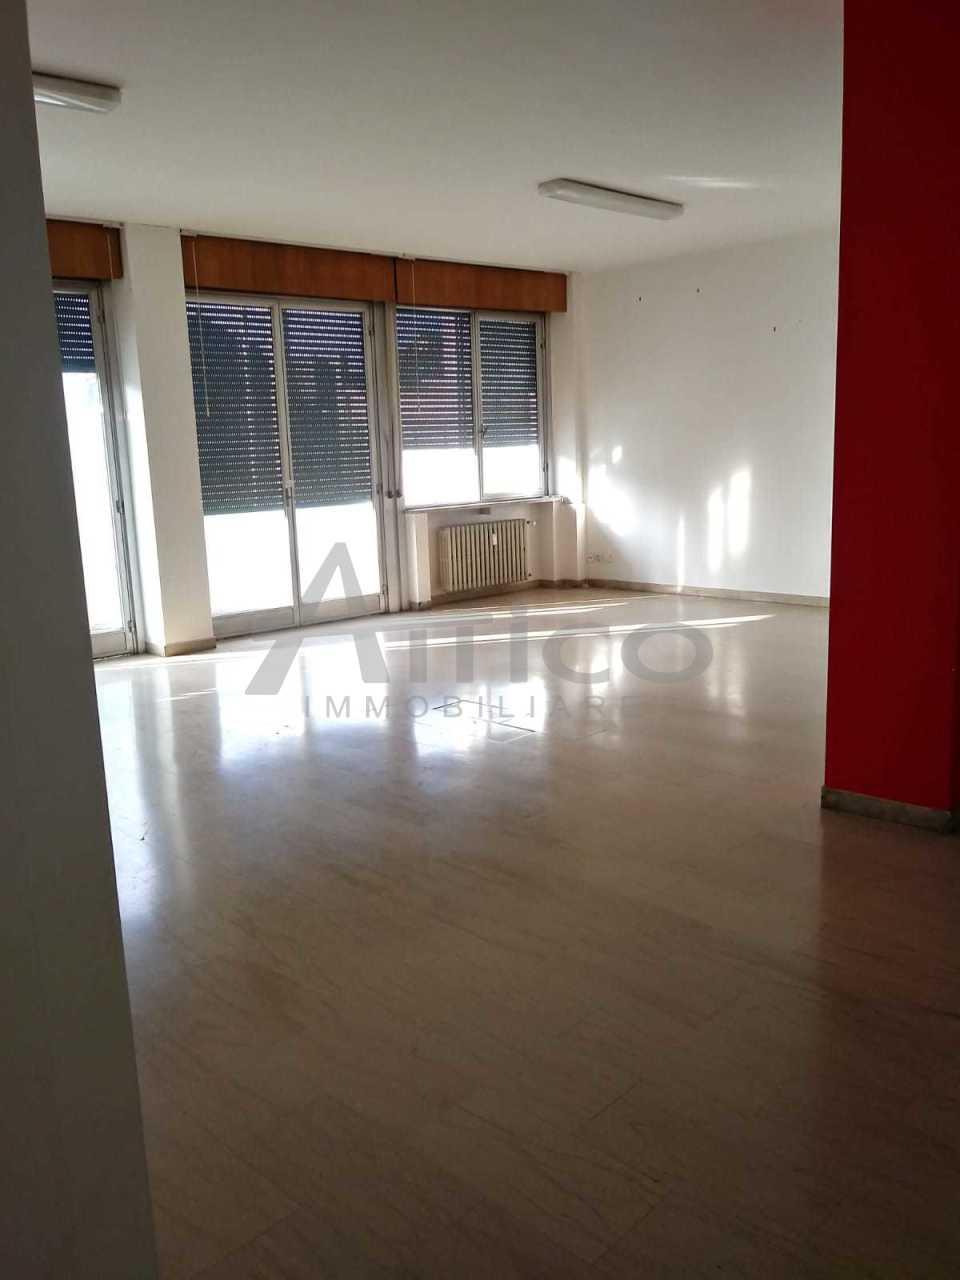 Ufficio / Studio in affitto a Rovigo, 6 locali, prezzo € 600 | CambioCasa.it